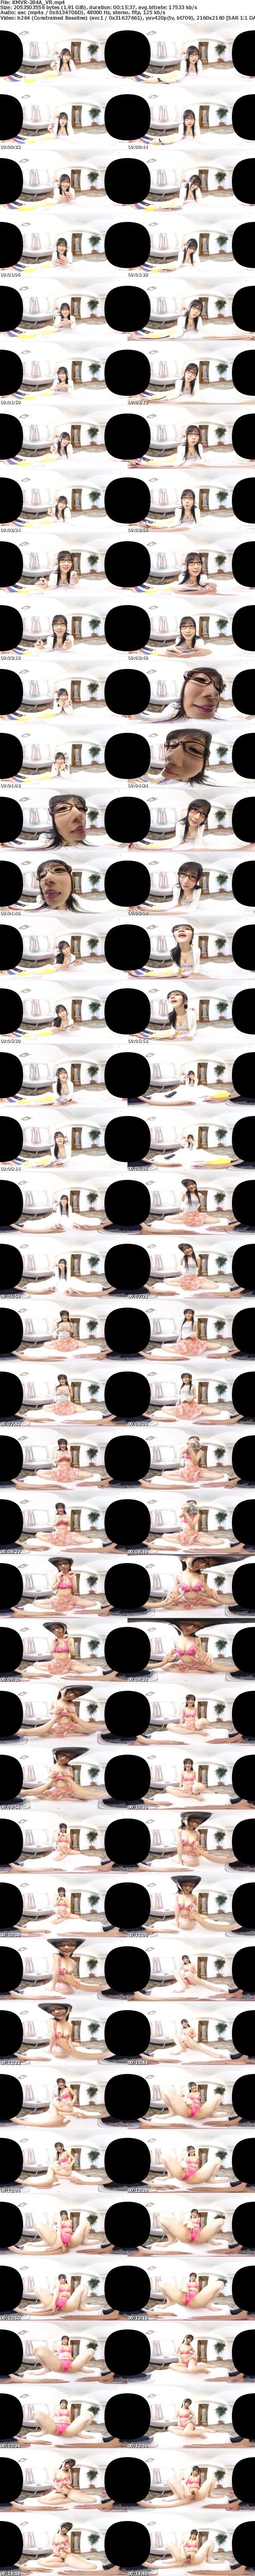 VR/3D KMVR-284 【VR】可愛すぎる家庭教師ひびき先生と童貞の僕との生中出し勉強会 大槻ひびき【リアル映像】